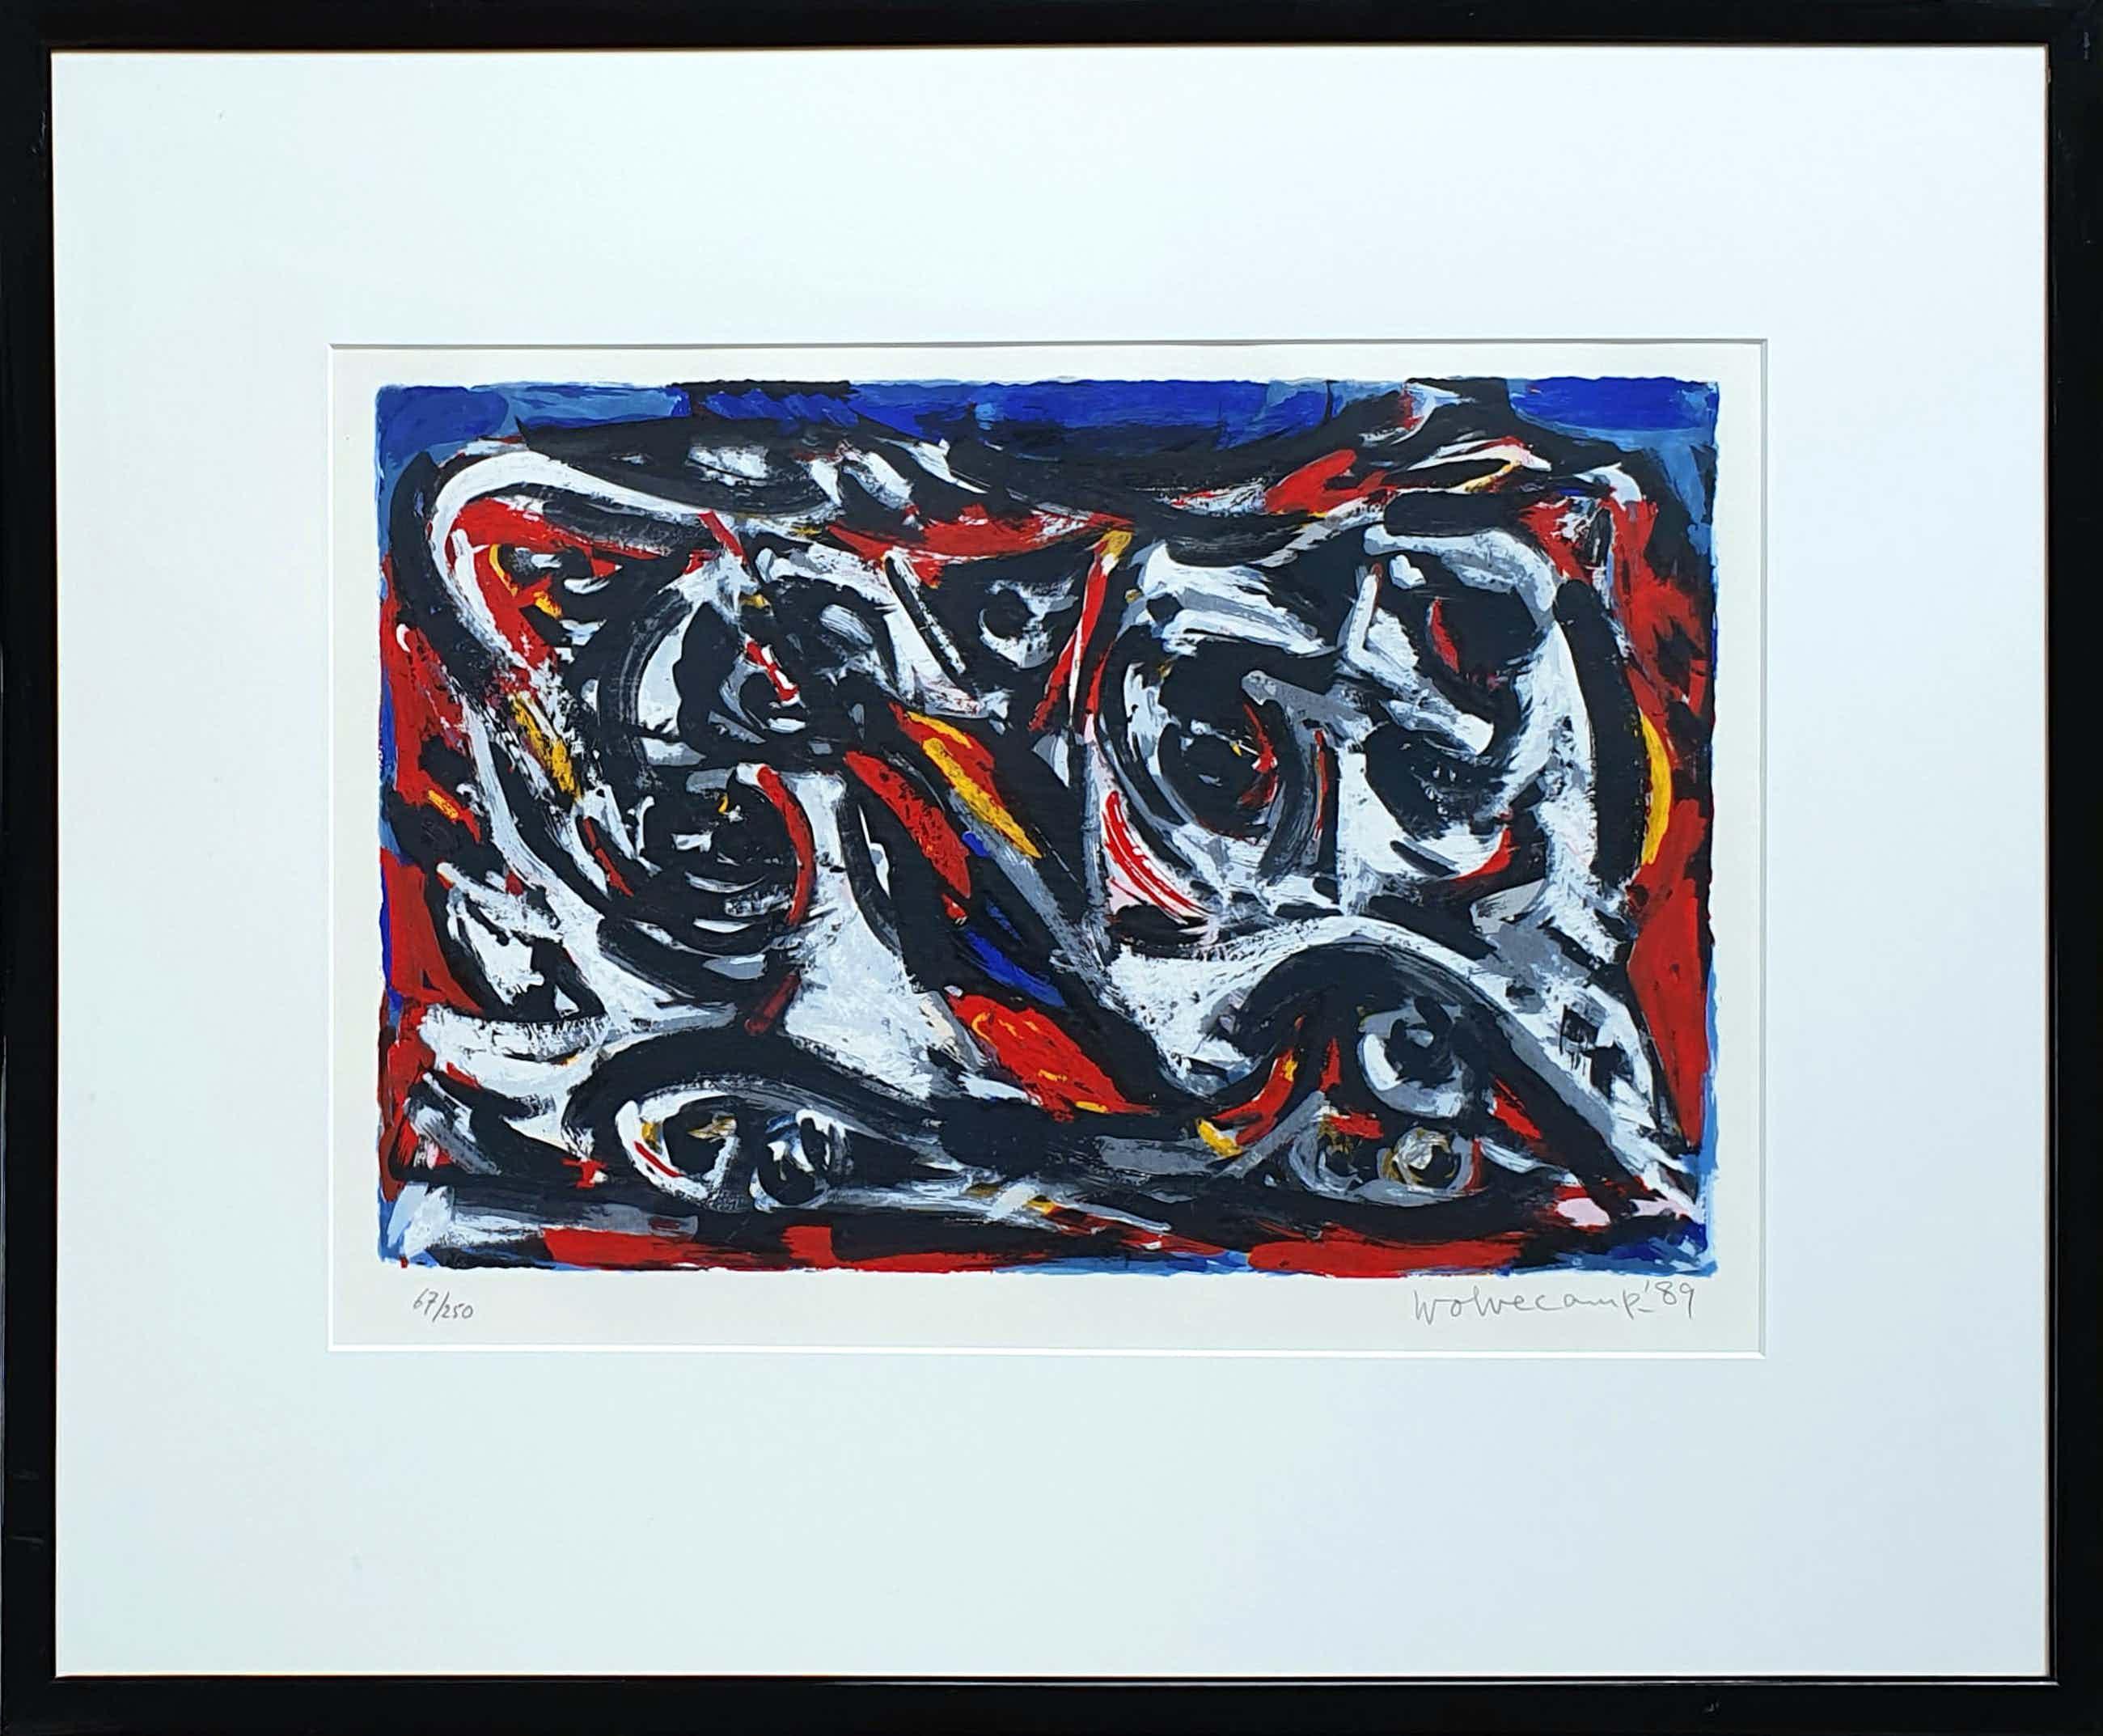 Theo Wolvecamp - Compositie in rood en blauw | Ingelijst kopen? Bied vanaf 195!